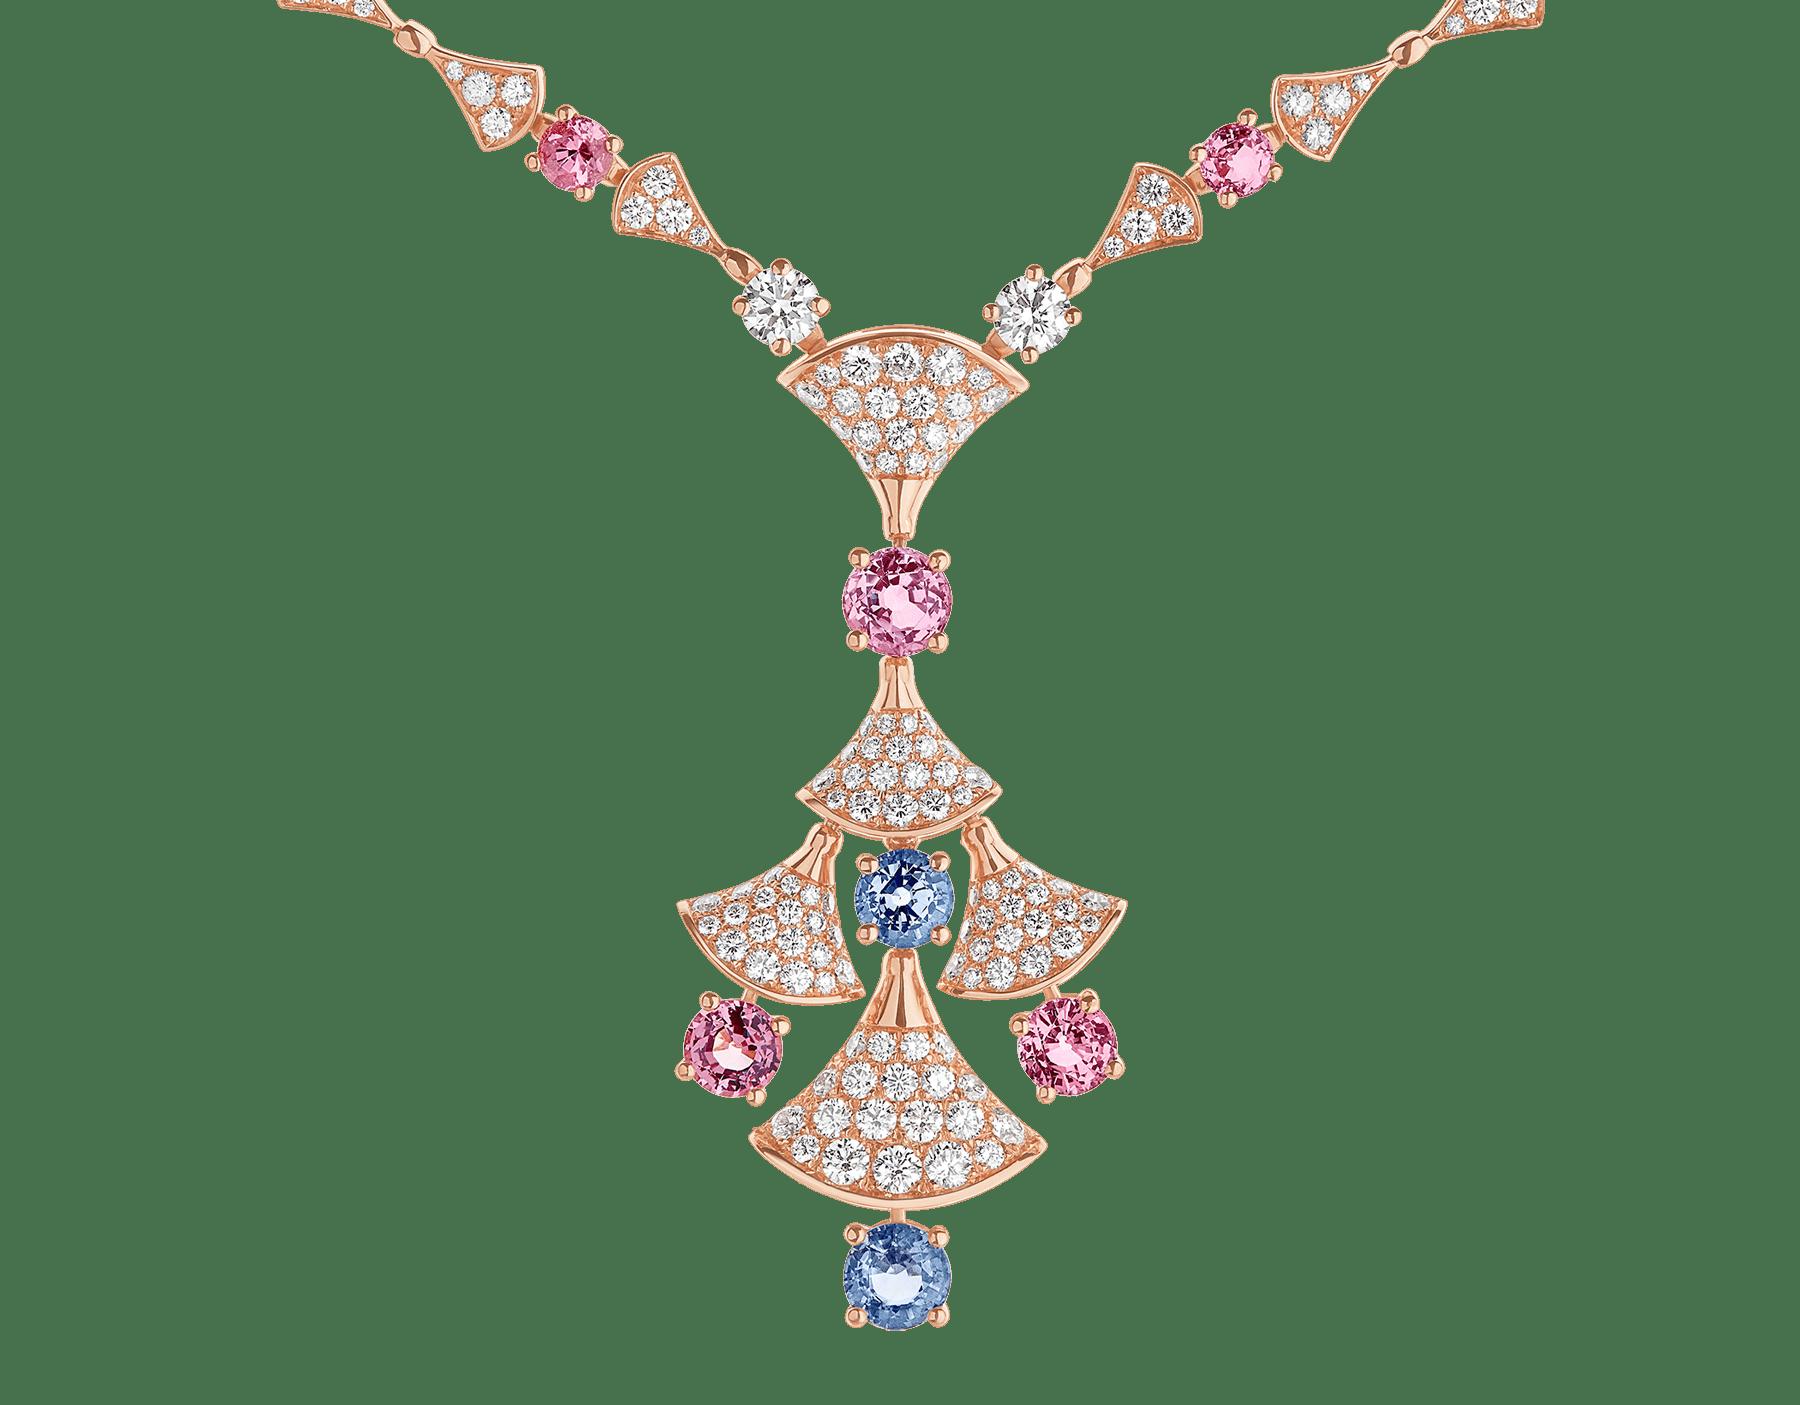 DIVAS' DREAM 18 kt rose gold necklace set with round brilliant-cut diamonds (3.06 ct), brilliant-cut spinels (4.04 ct) and pavé diamonds (3.63 ct) 357942 image 3